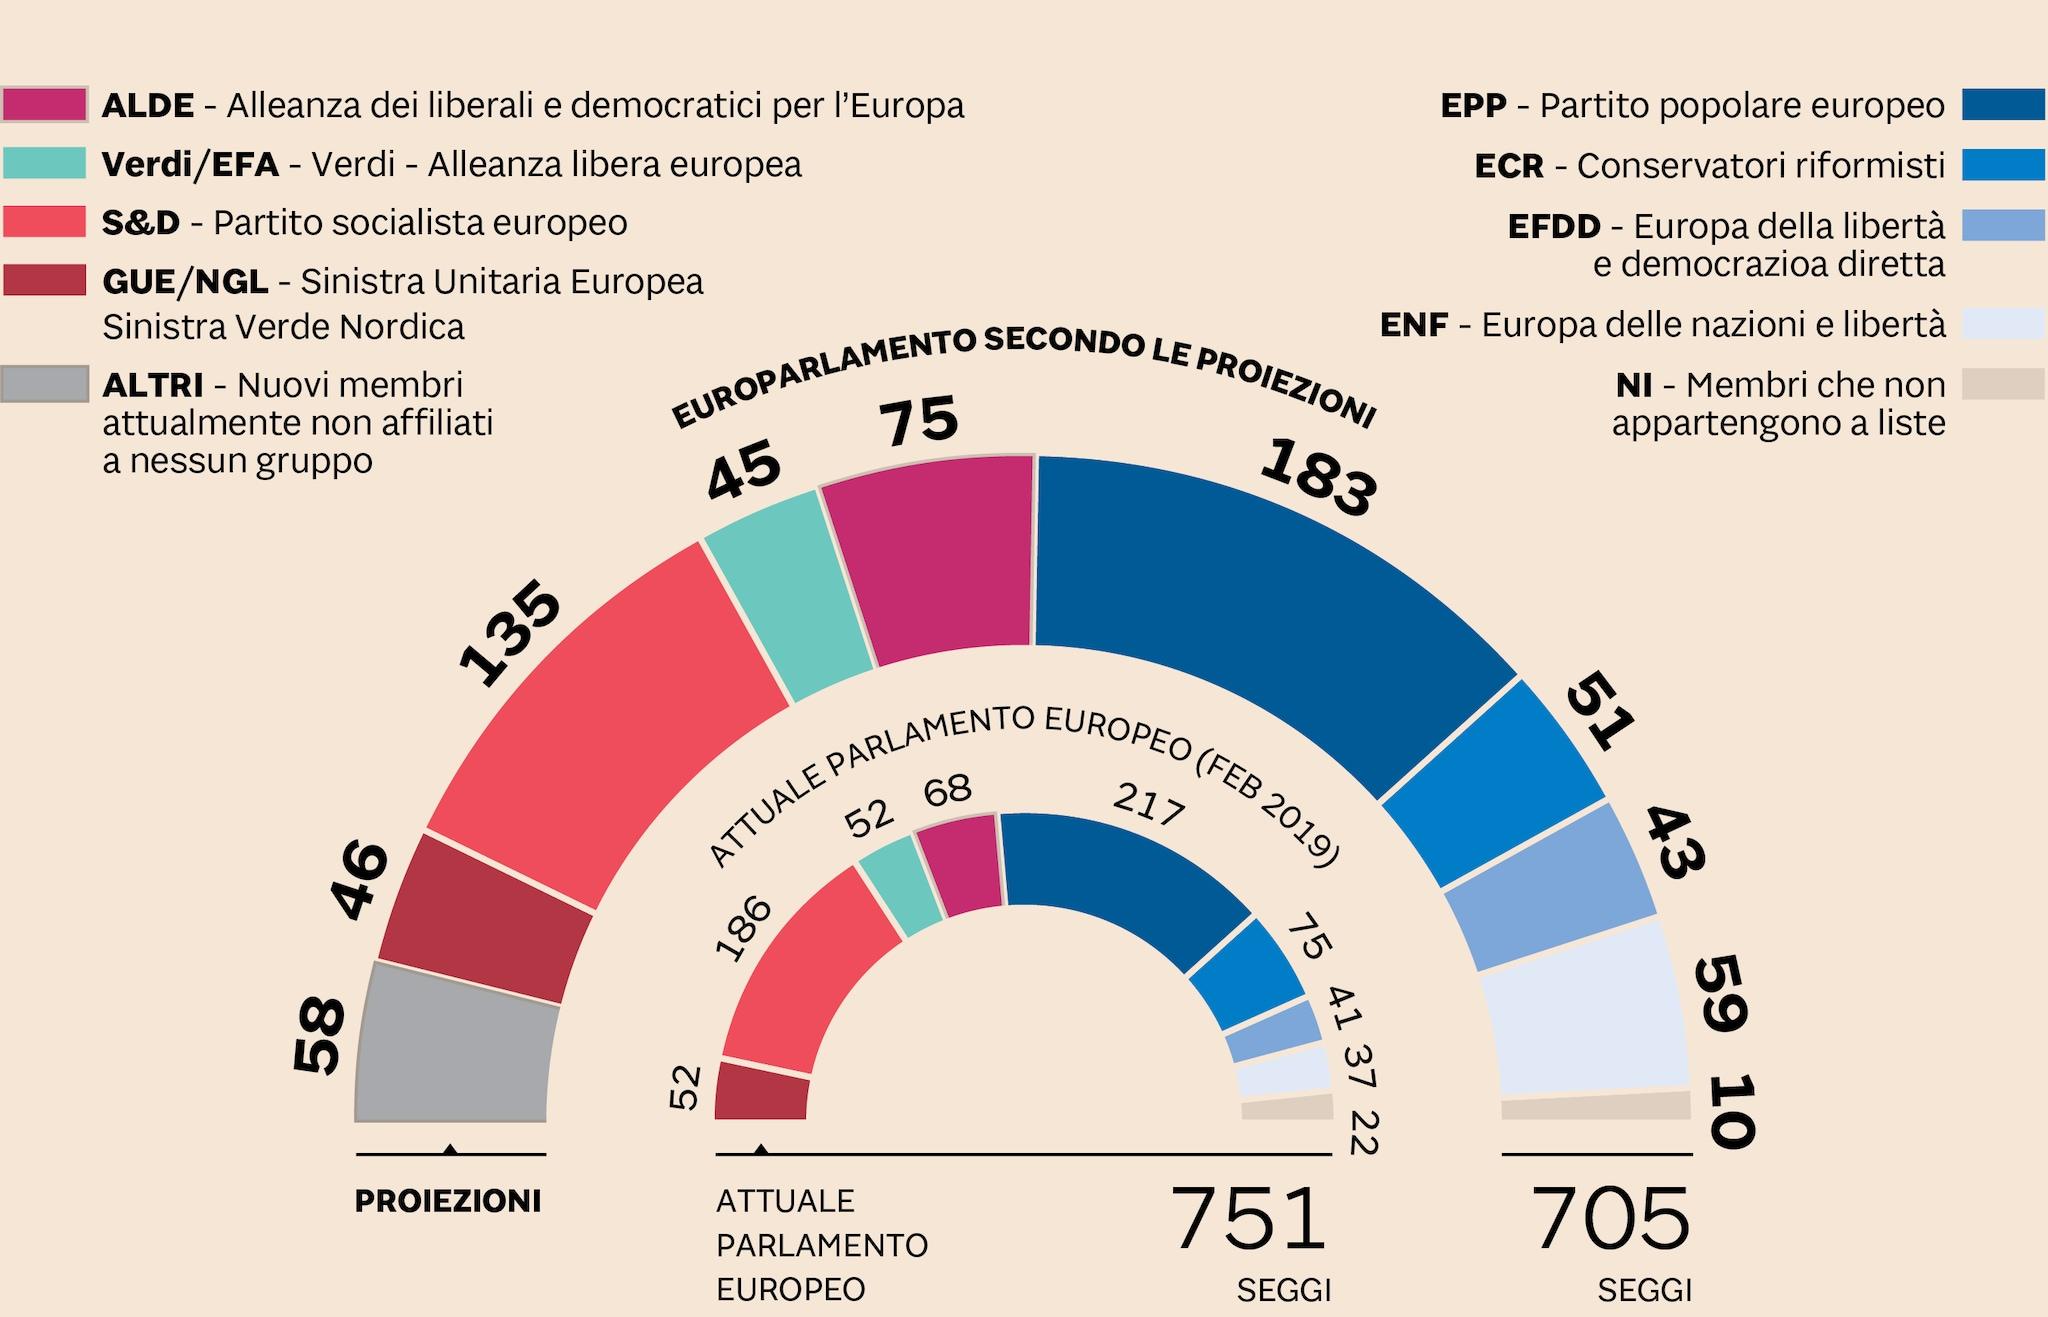 COME POTREBBE ESSERE L'EUROPARLAMENTO SECONDO LE PROIEZIONI